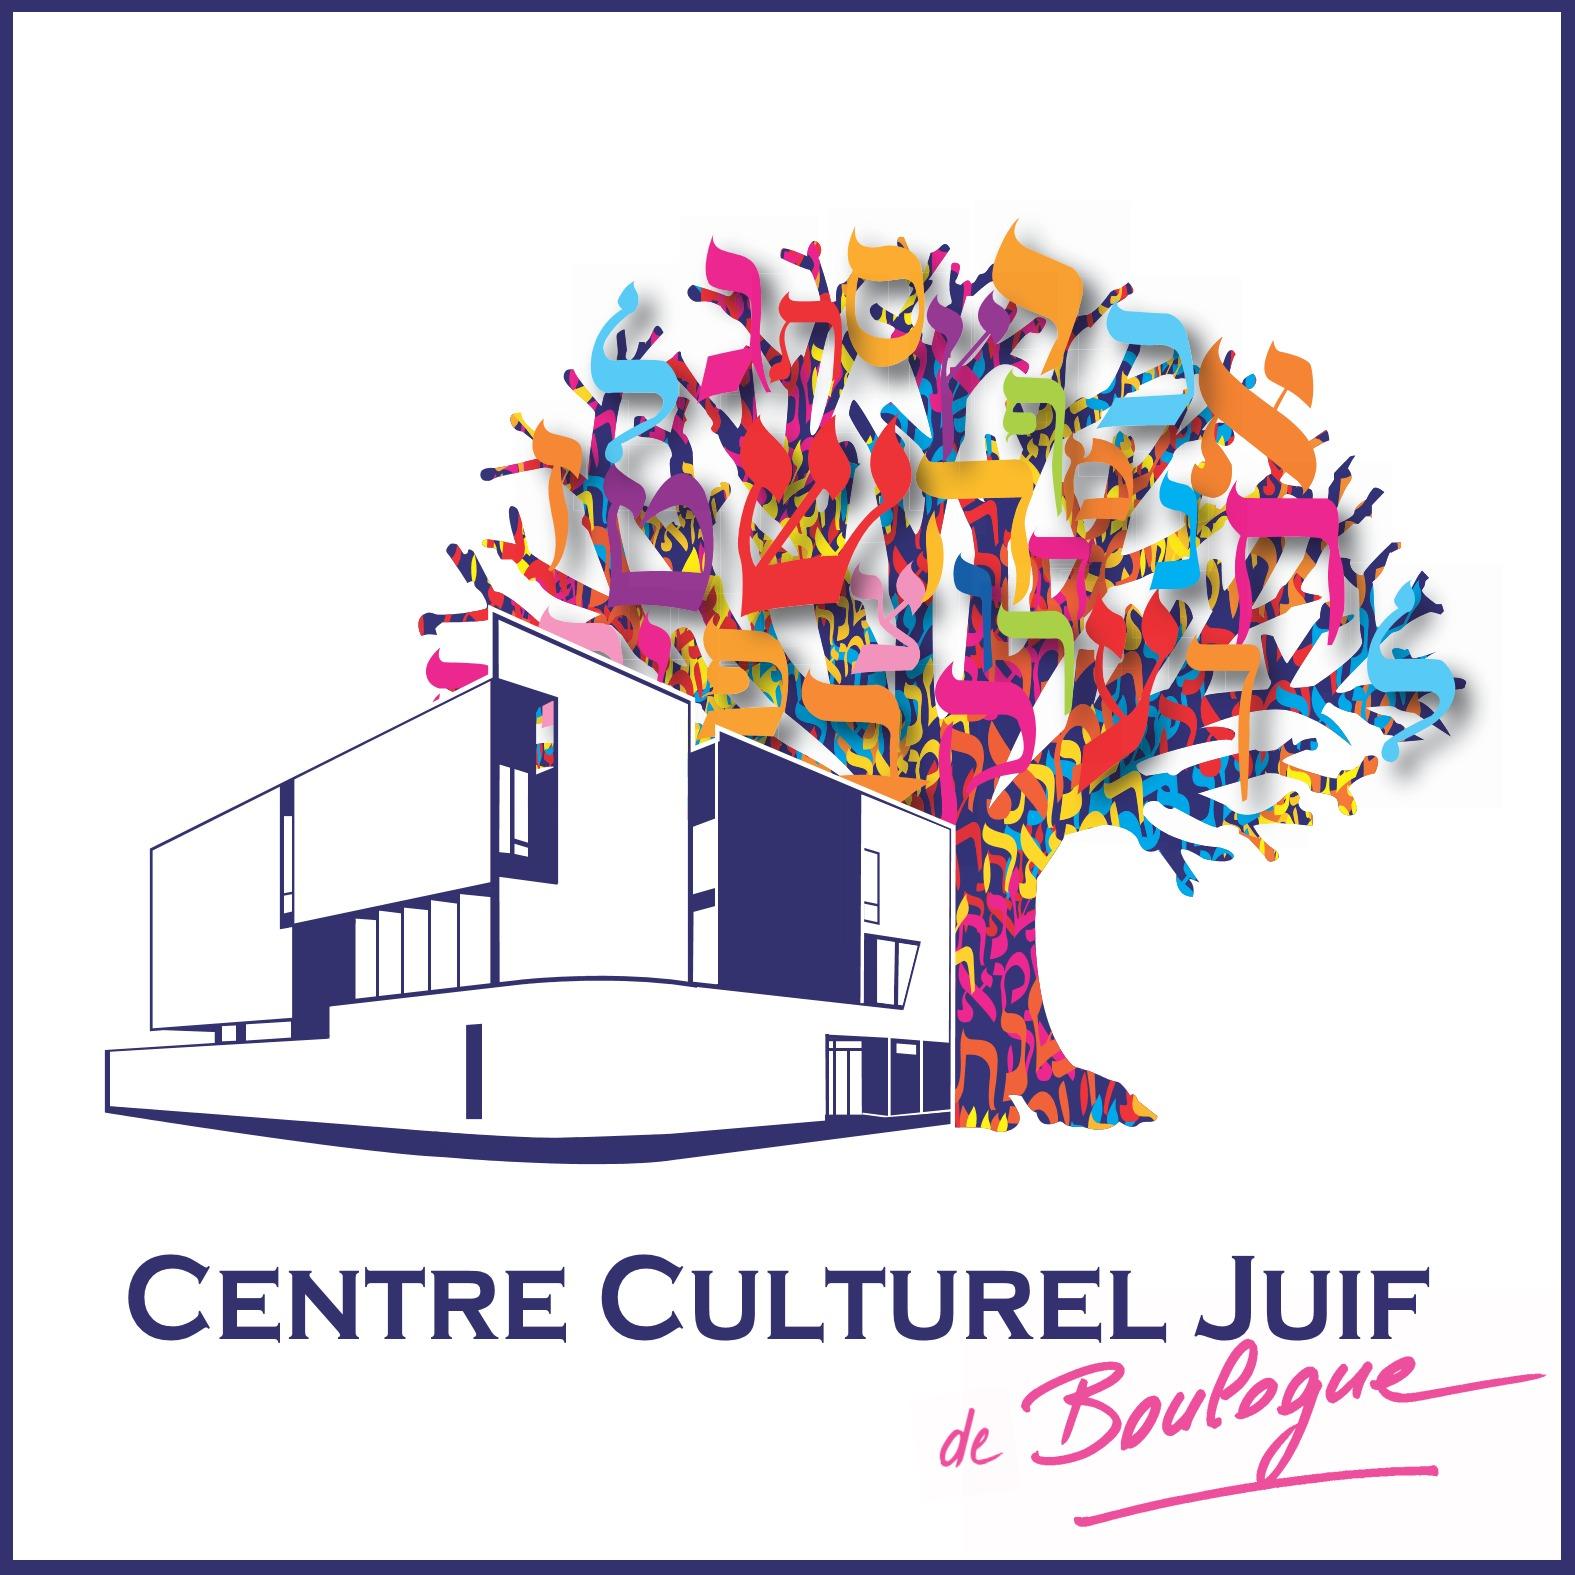 Le Centre Culturel Juif de Boulogne